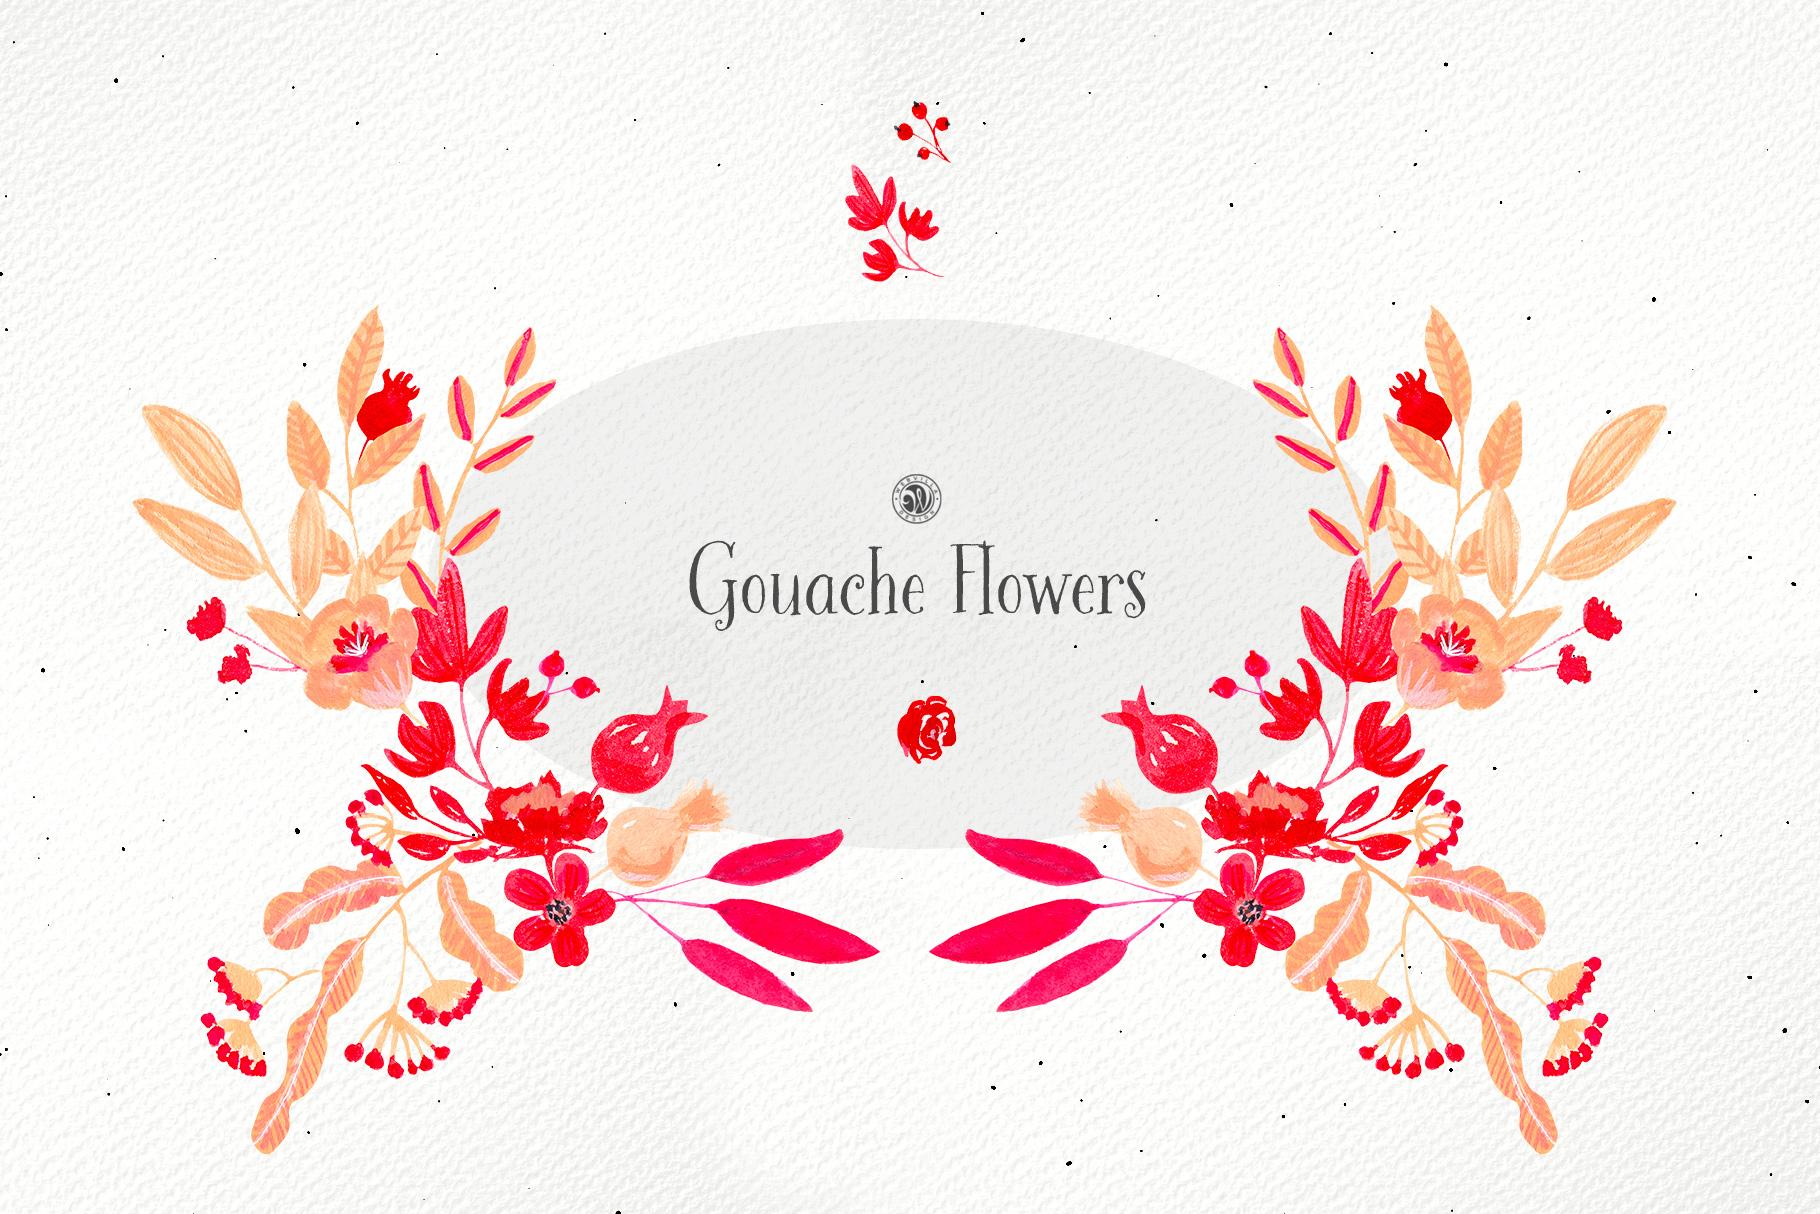 Gouache Flowers example image 4